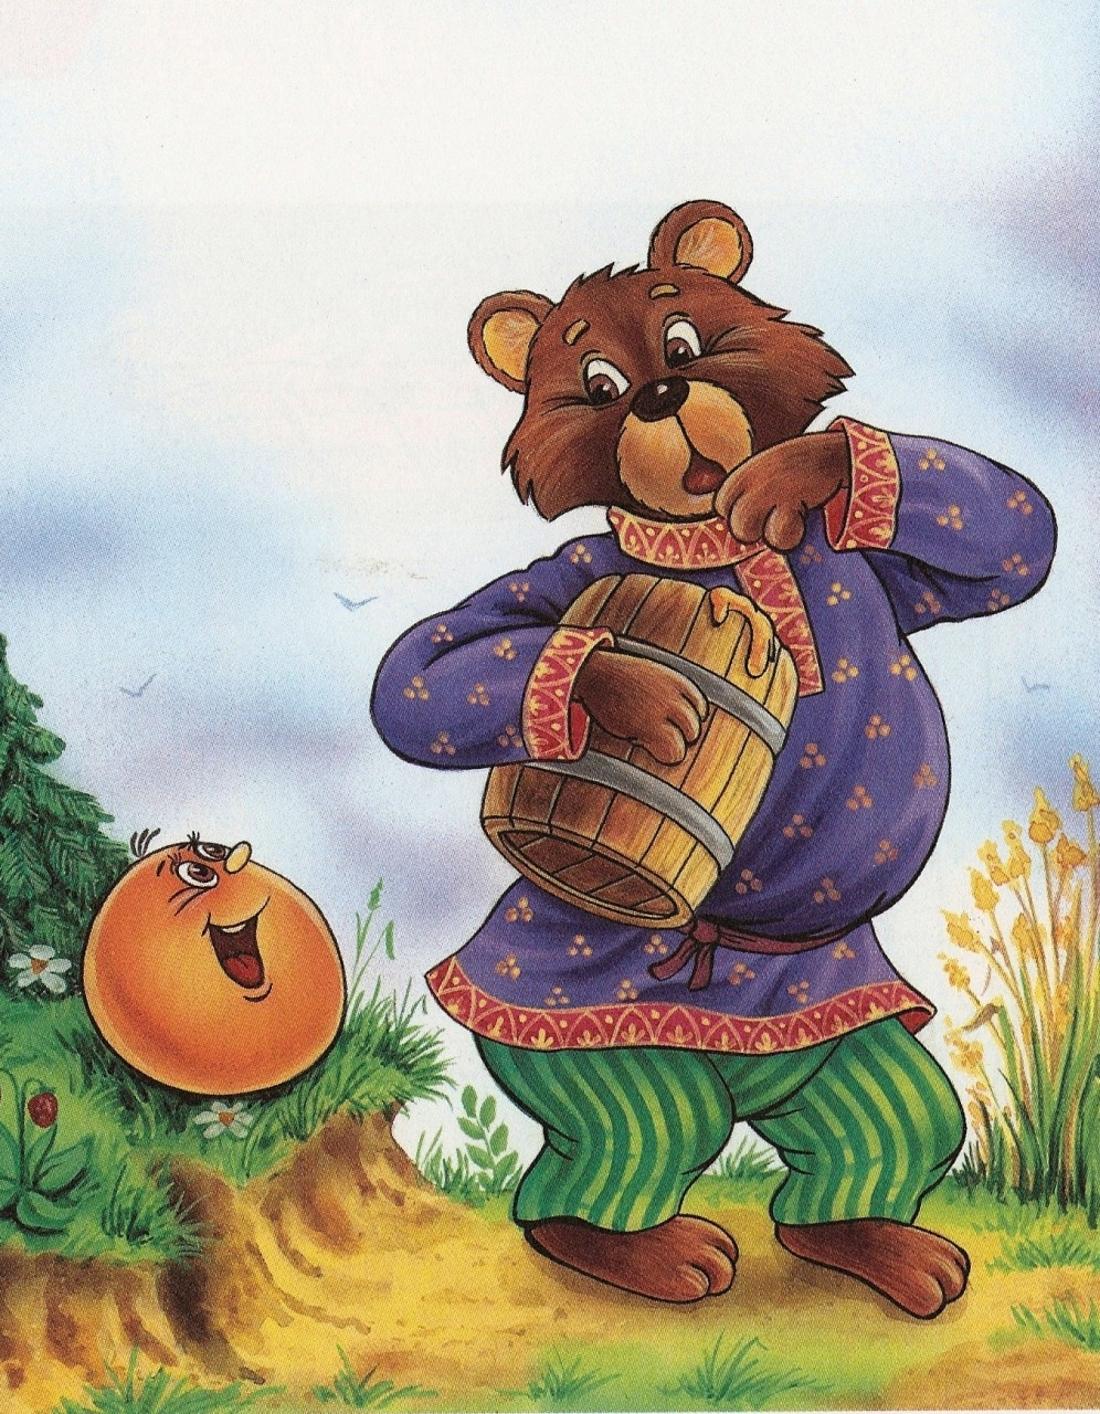 Картинки медведя из сказок для детей